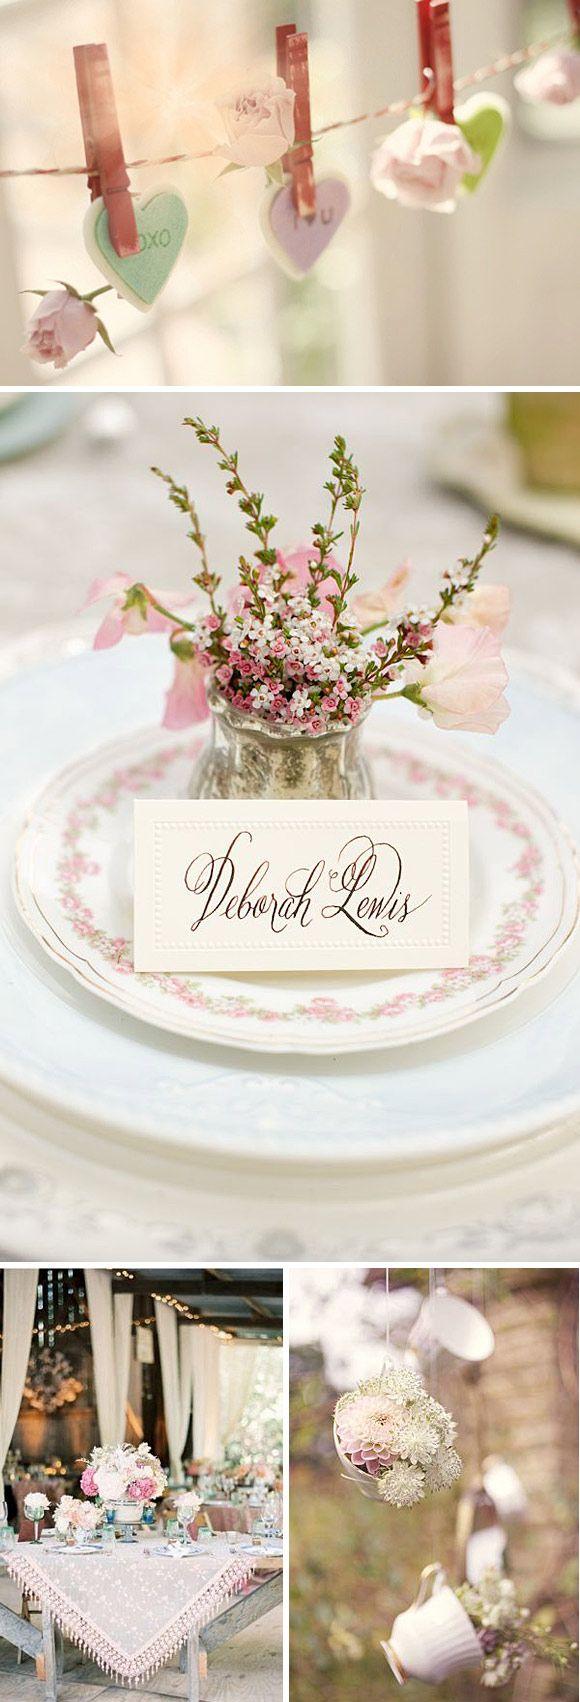 Inspiración para una boda muy romántica en colores pasteles